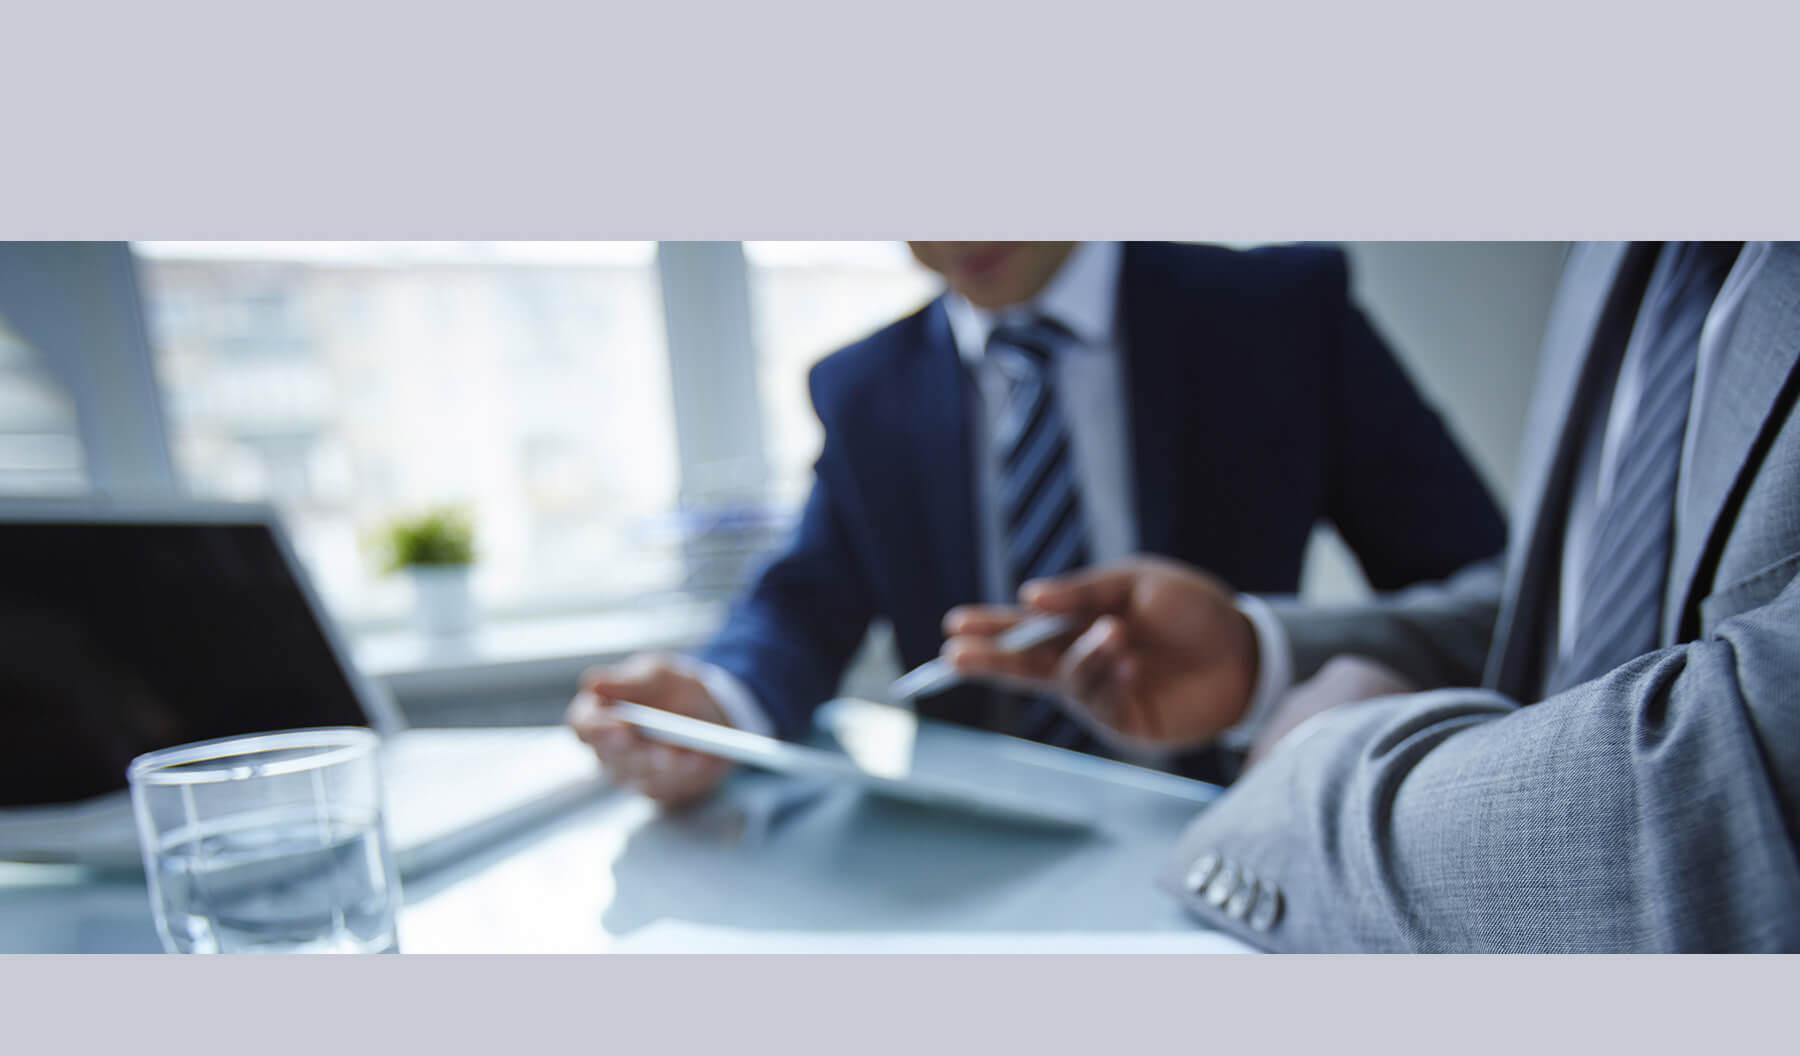 Servizi Per Agenti Immobiliari gruppo immobiliare unica - professionisti dell'immobile insieme